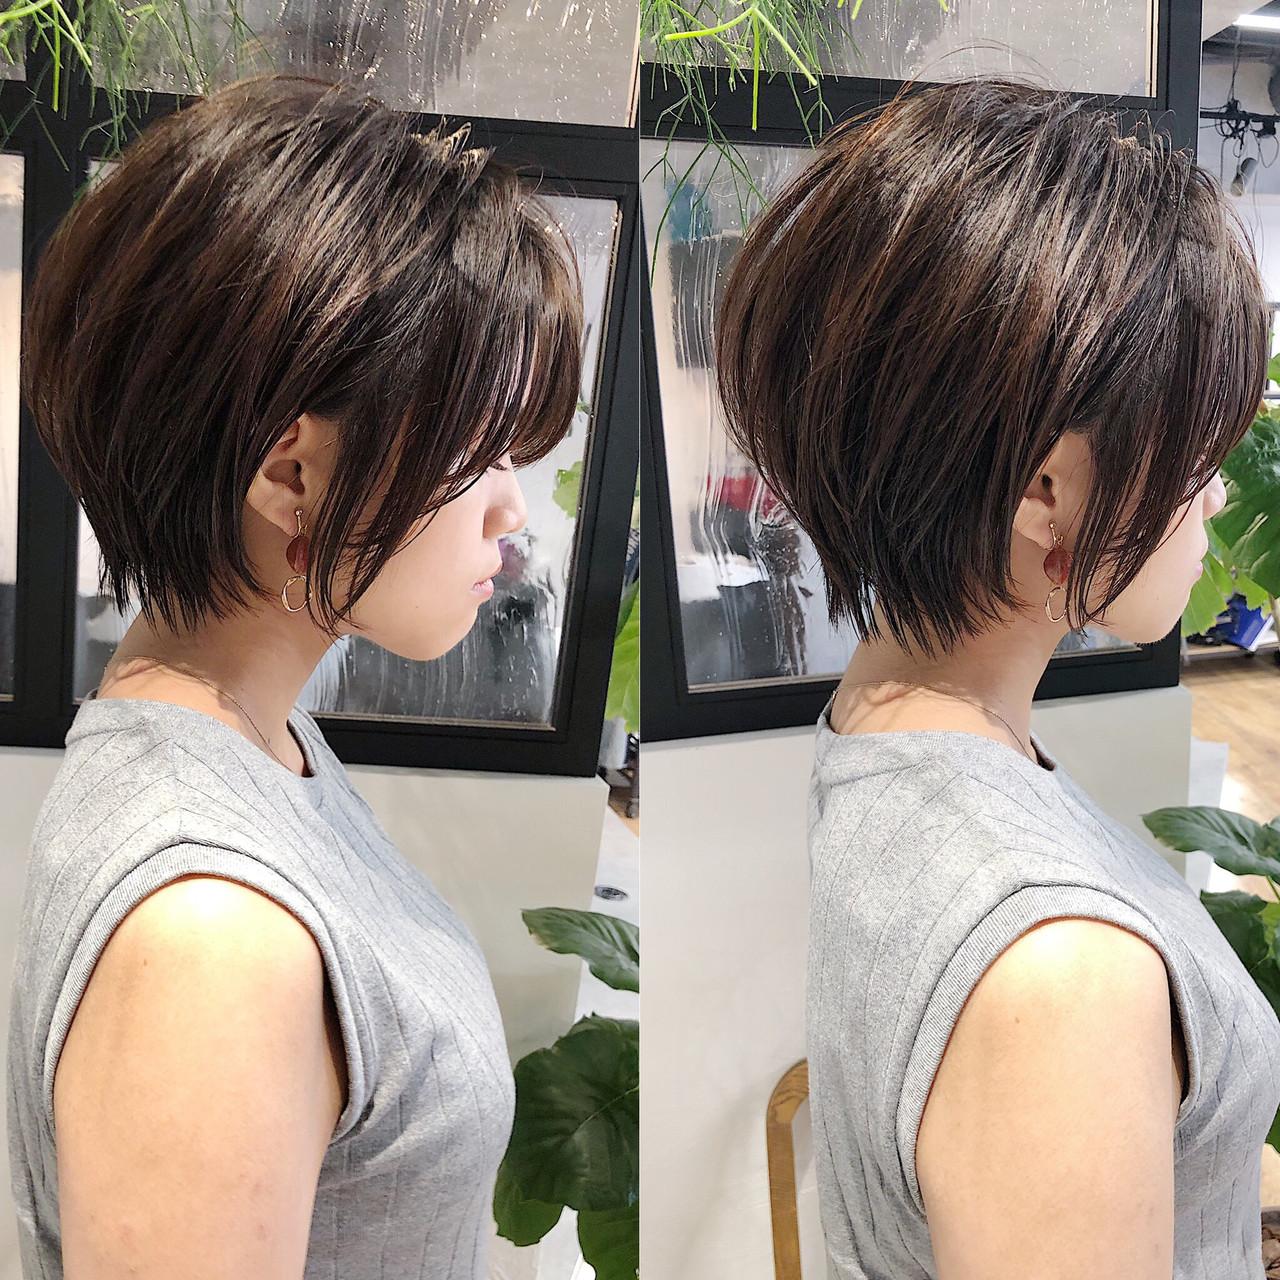 ストレート ショートボブ 縮毛矯正 ナチュラル ヘアスタイルや髪型の写真・画像